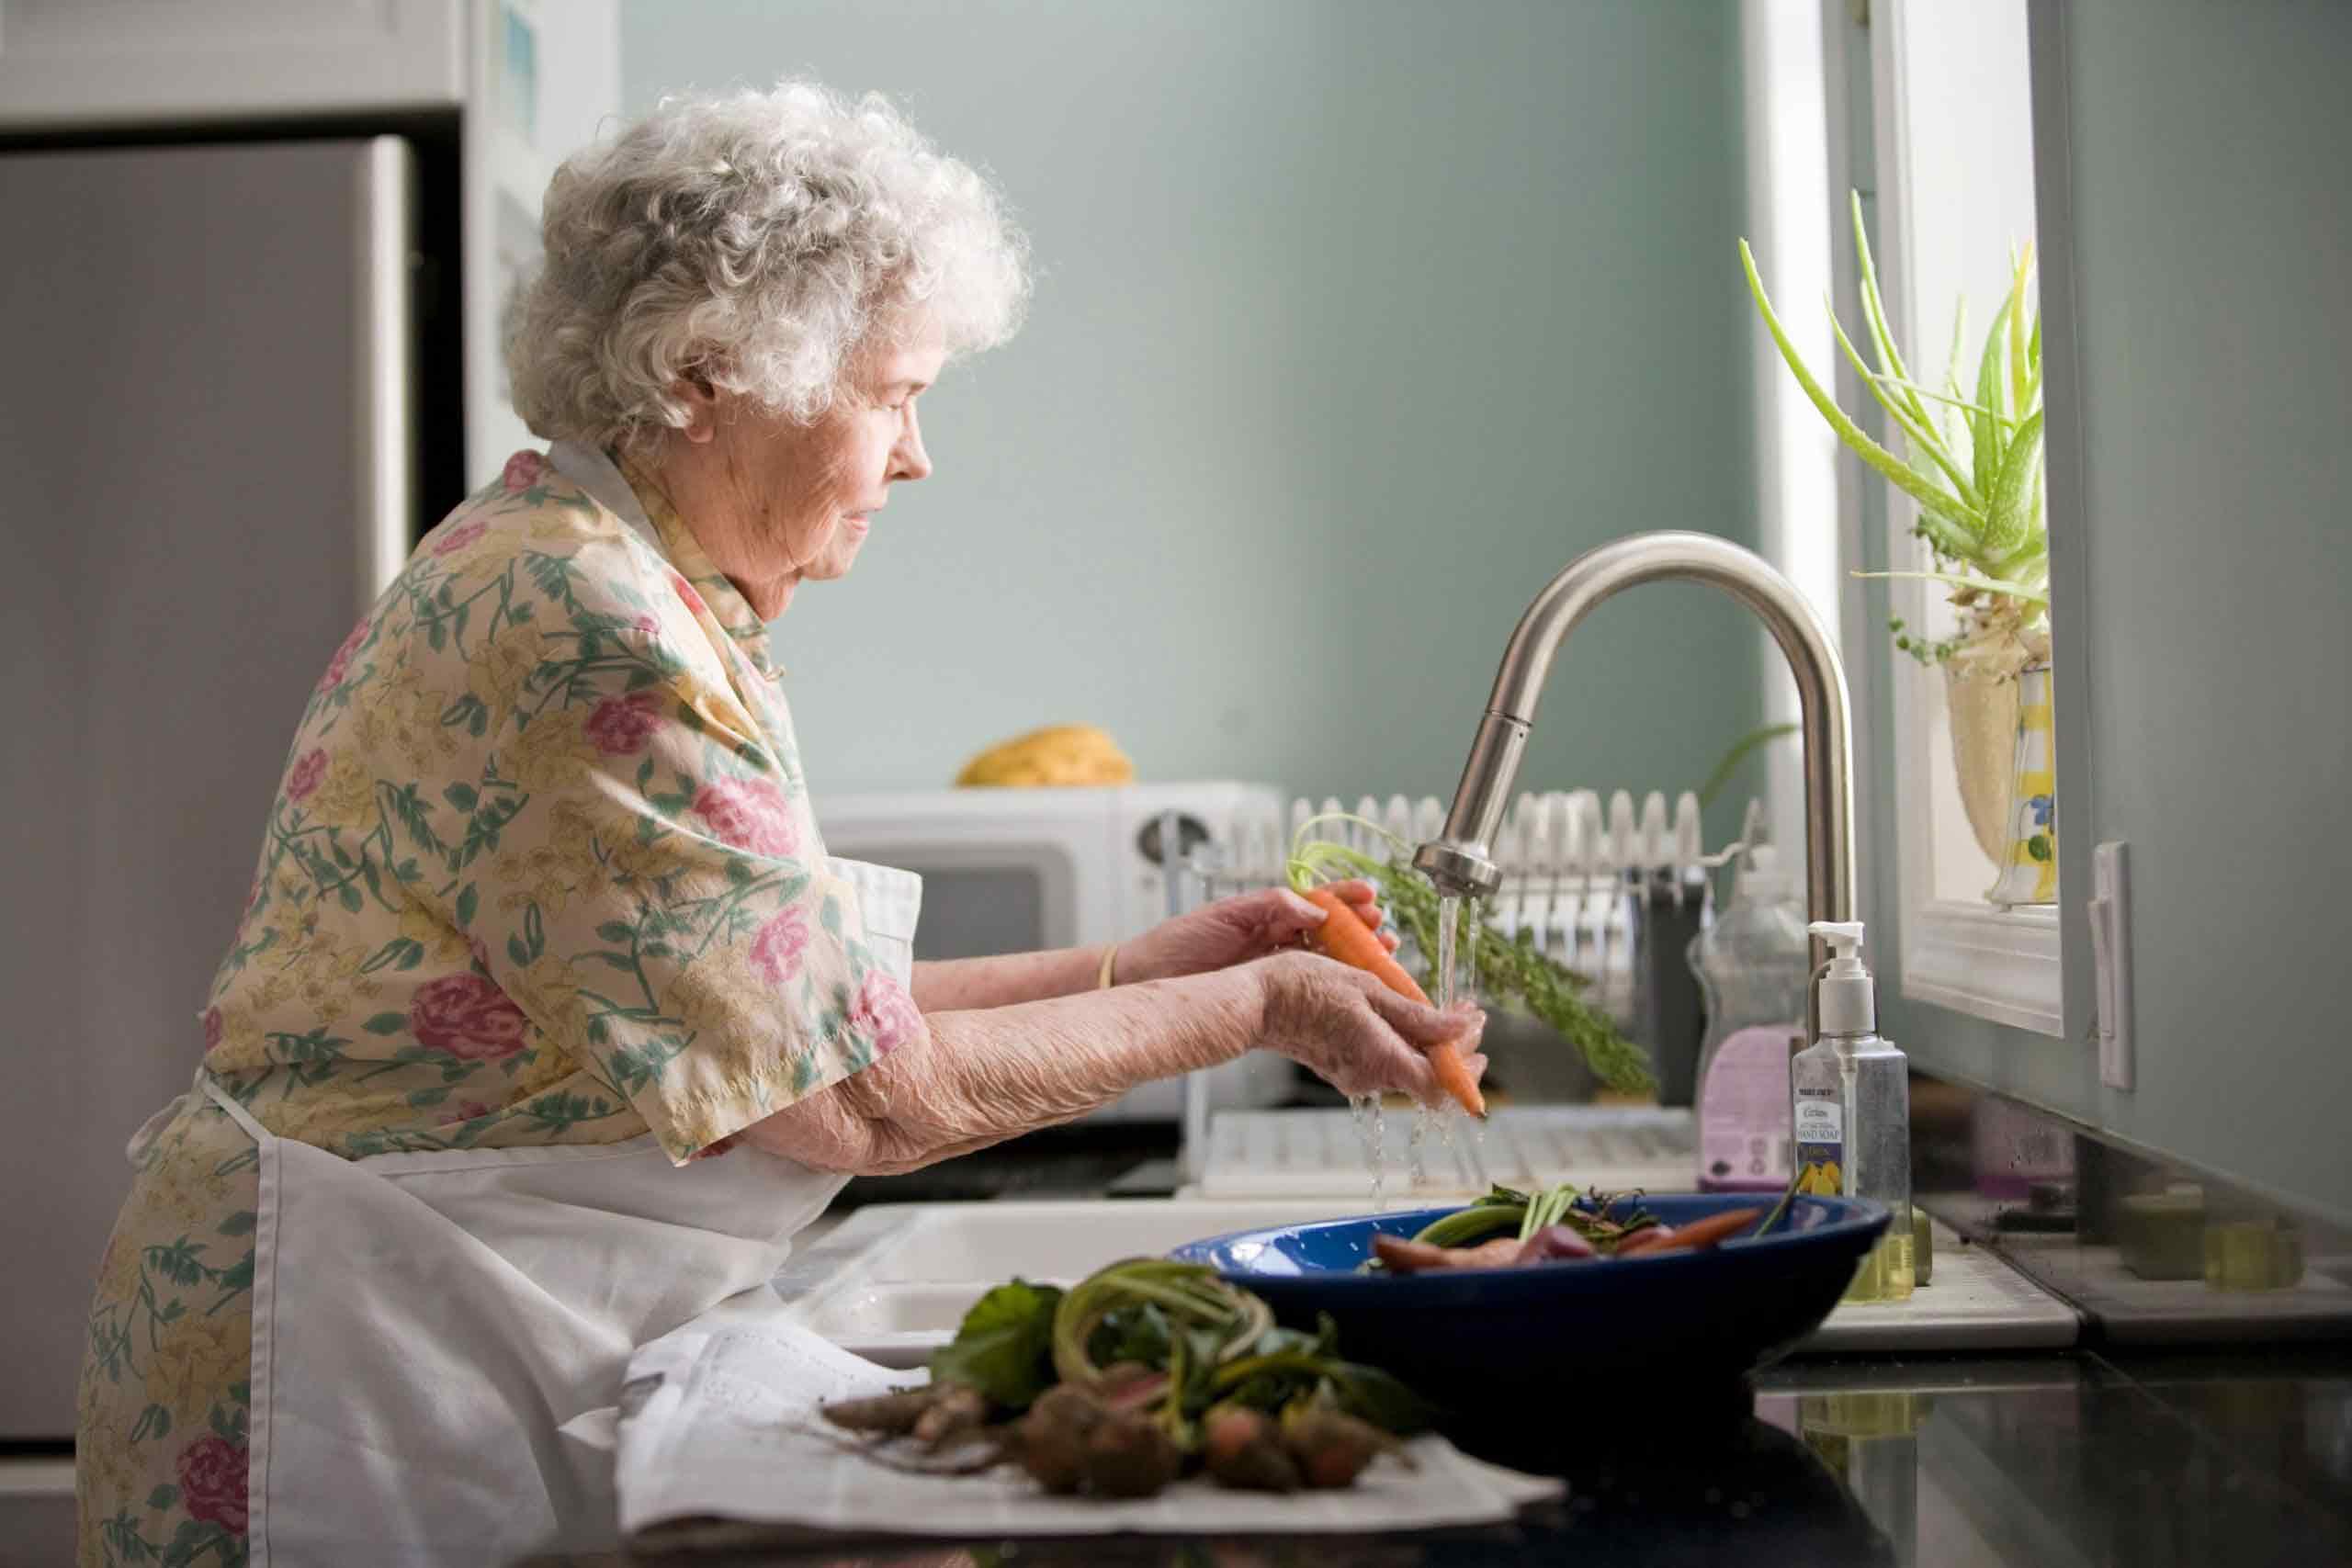 ایمن سازی آشپزخانه برای سالمندان   مرکز خدمات پرستاری پارسیان مهرپرور